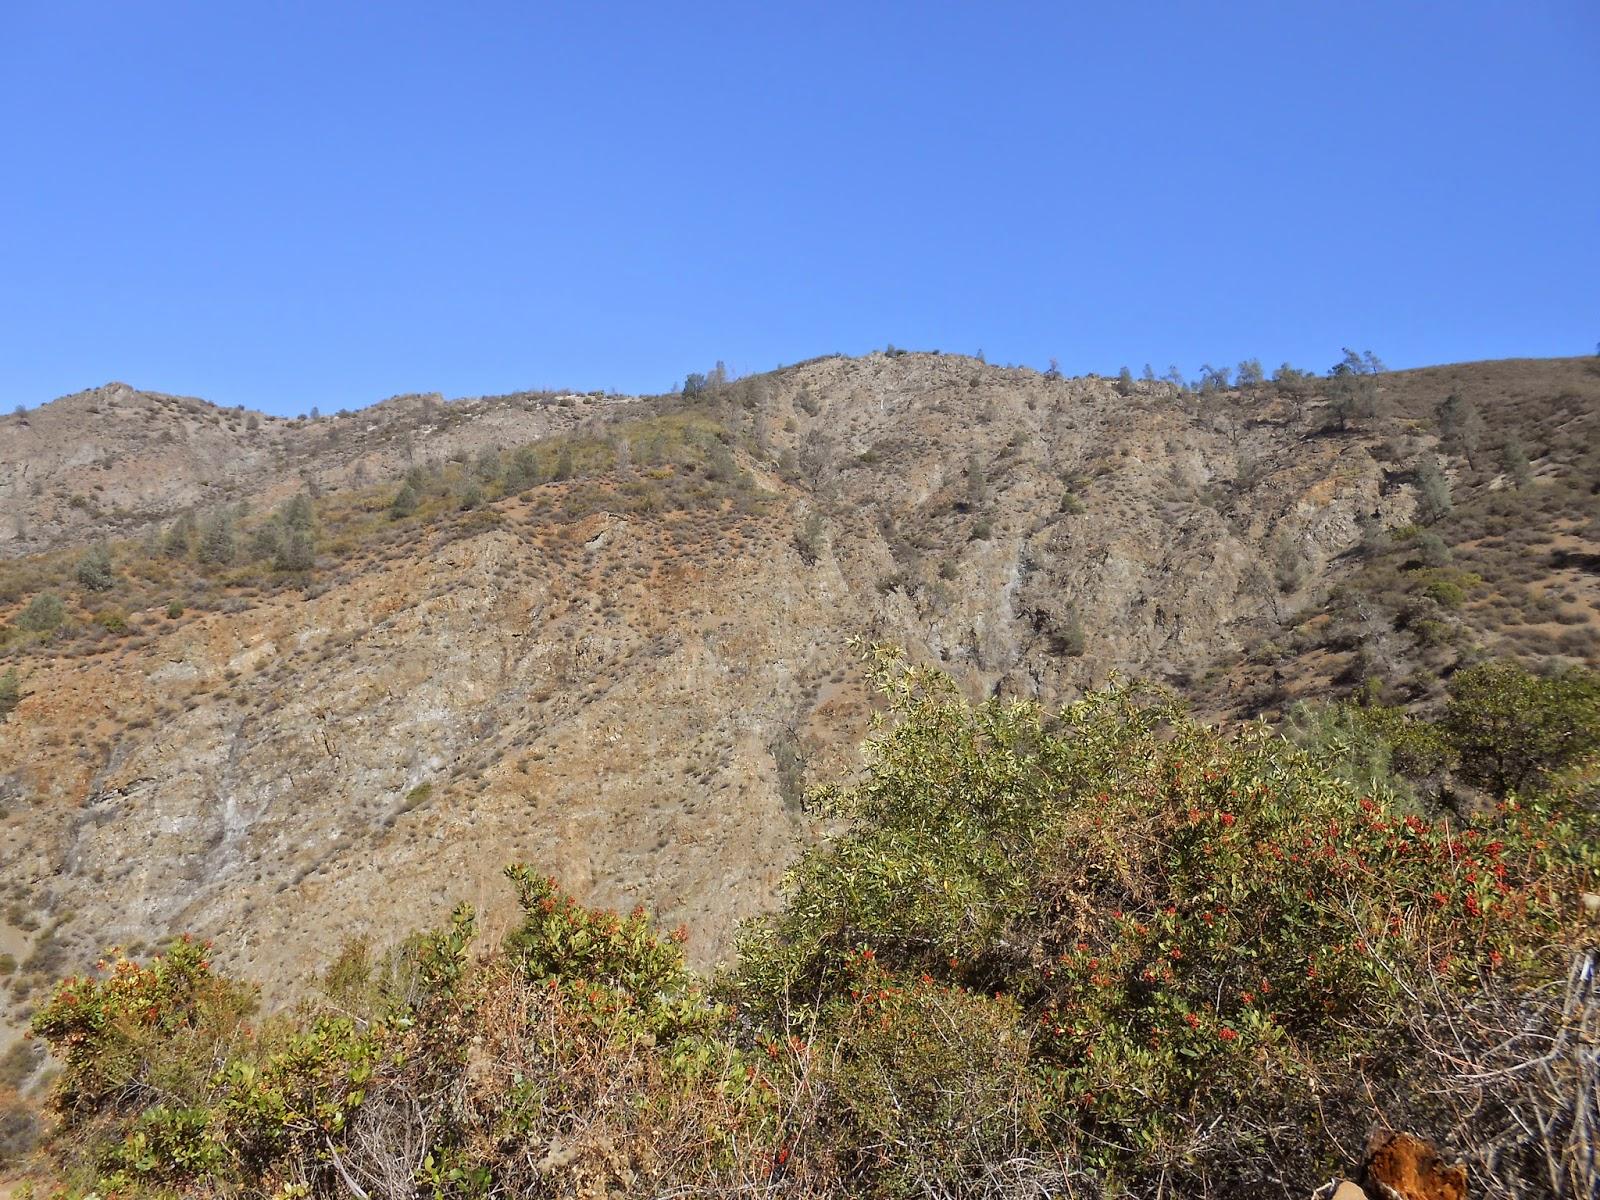 nature awakening, mt diablo state park, spirituality, spiritual awakening, nature